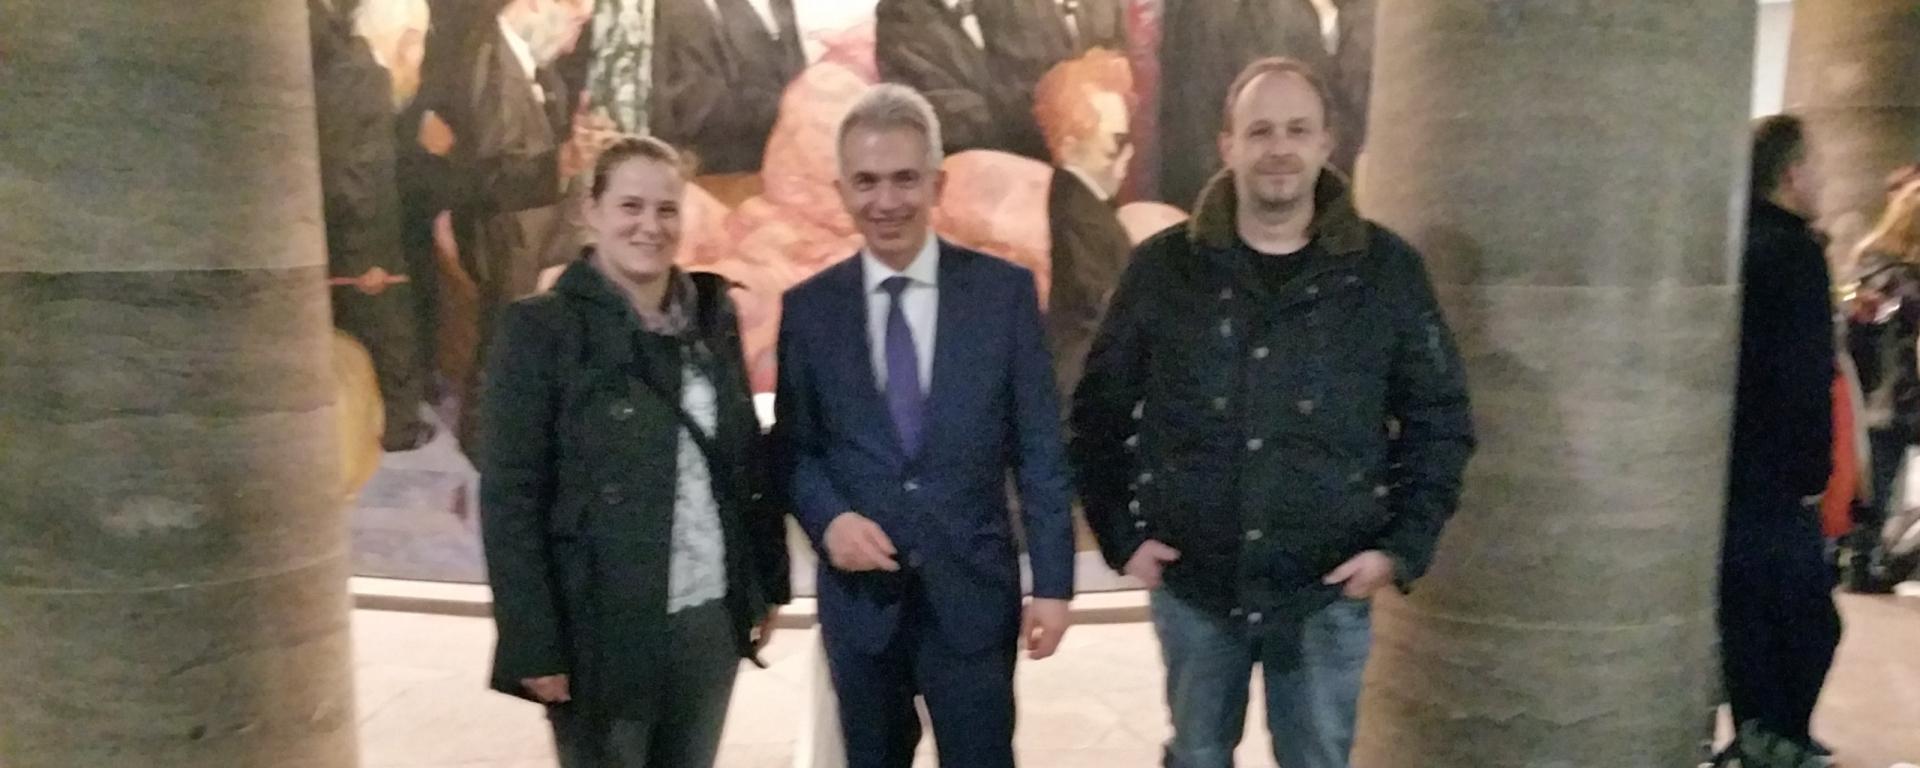 Der Oberbürgermeister (Mitte) eingerahmt von ARV Pflegekräften